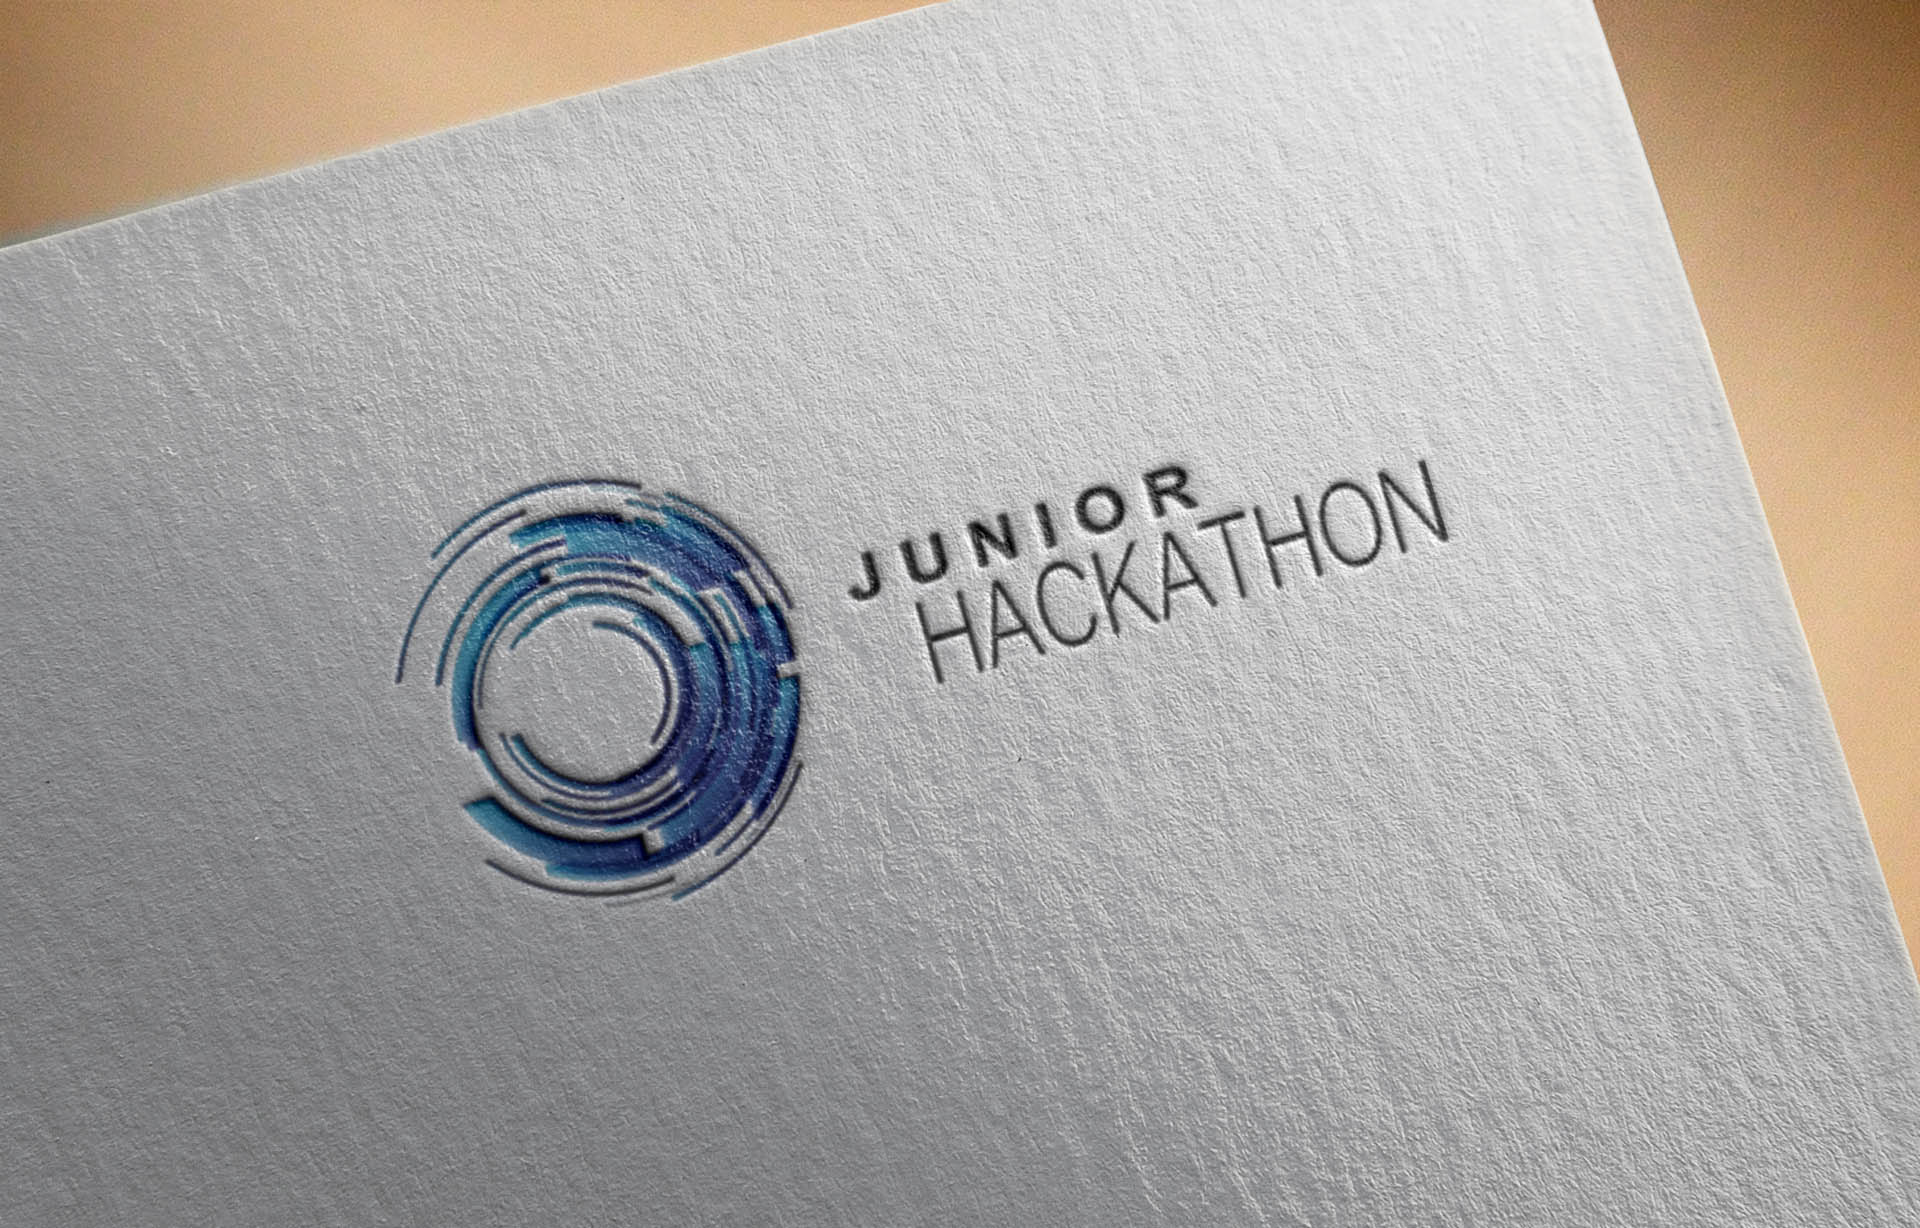 Adatto.cz, tvorba loga - Junior Hackathon